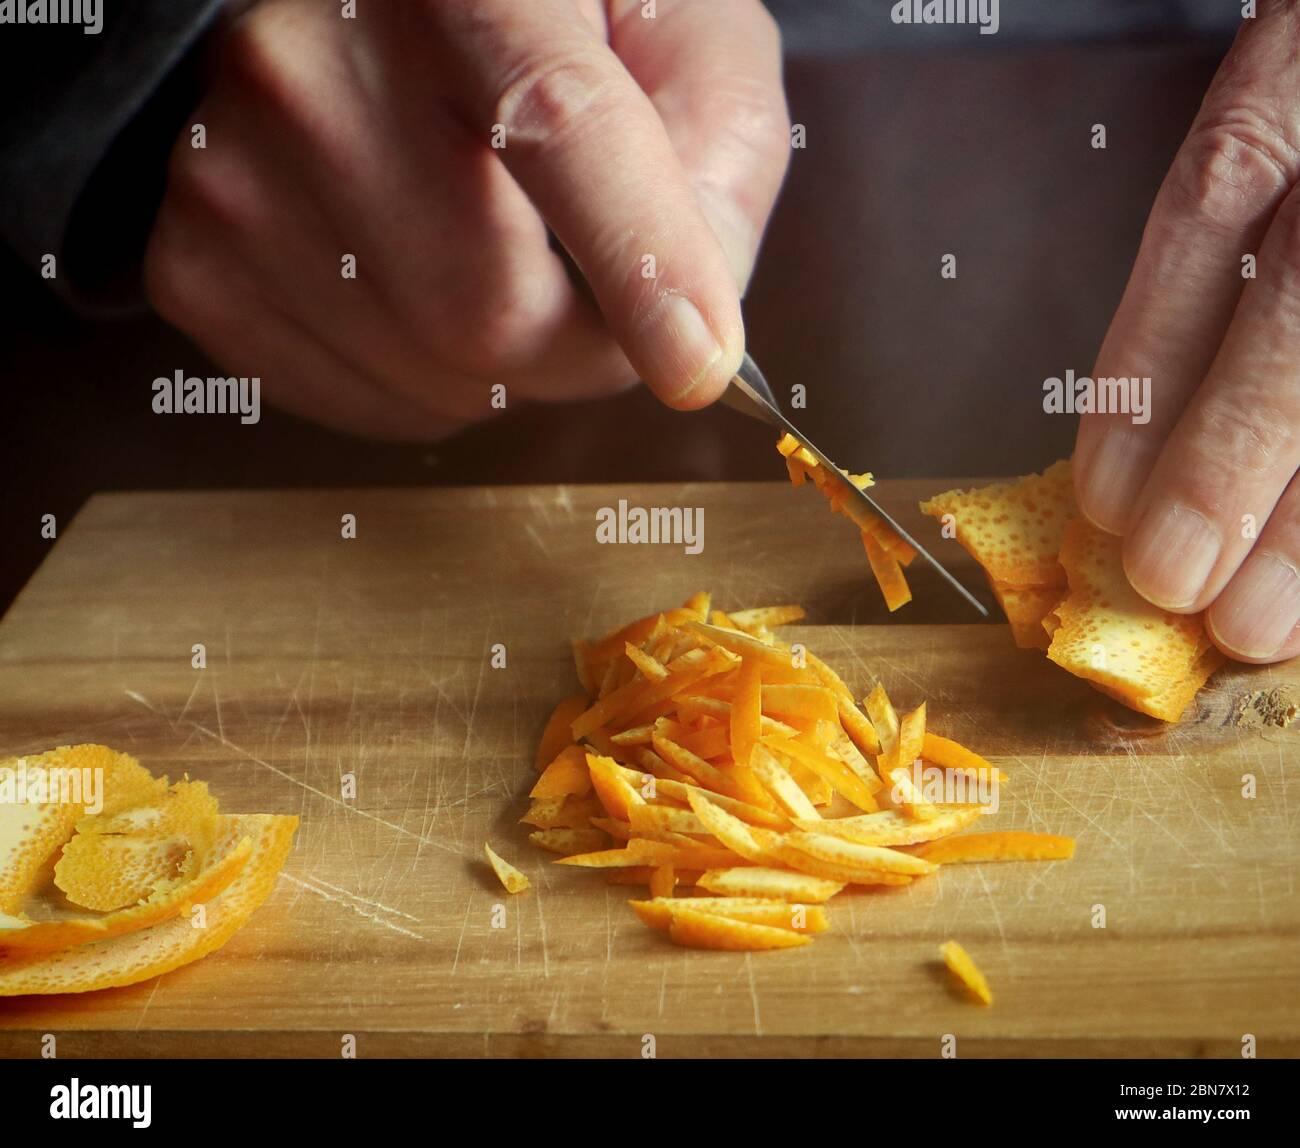 Préparation de la marmelade d'orange : couper avec un couteau tranchant le zeste d'orange en petites tranches pour les ajouter à la réserve maison Banque D'Images